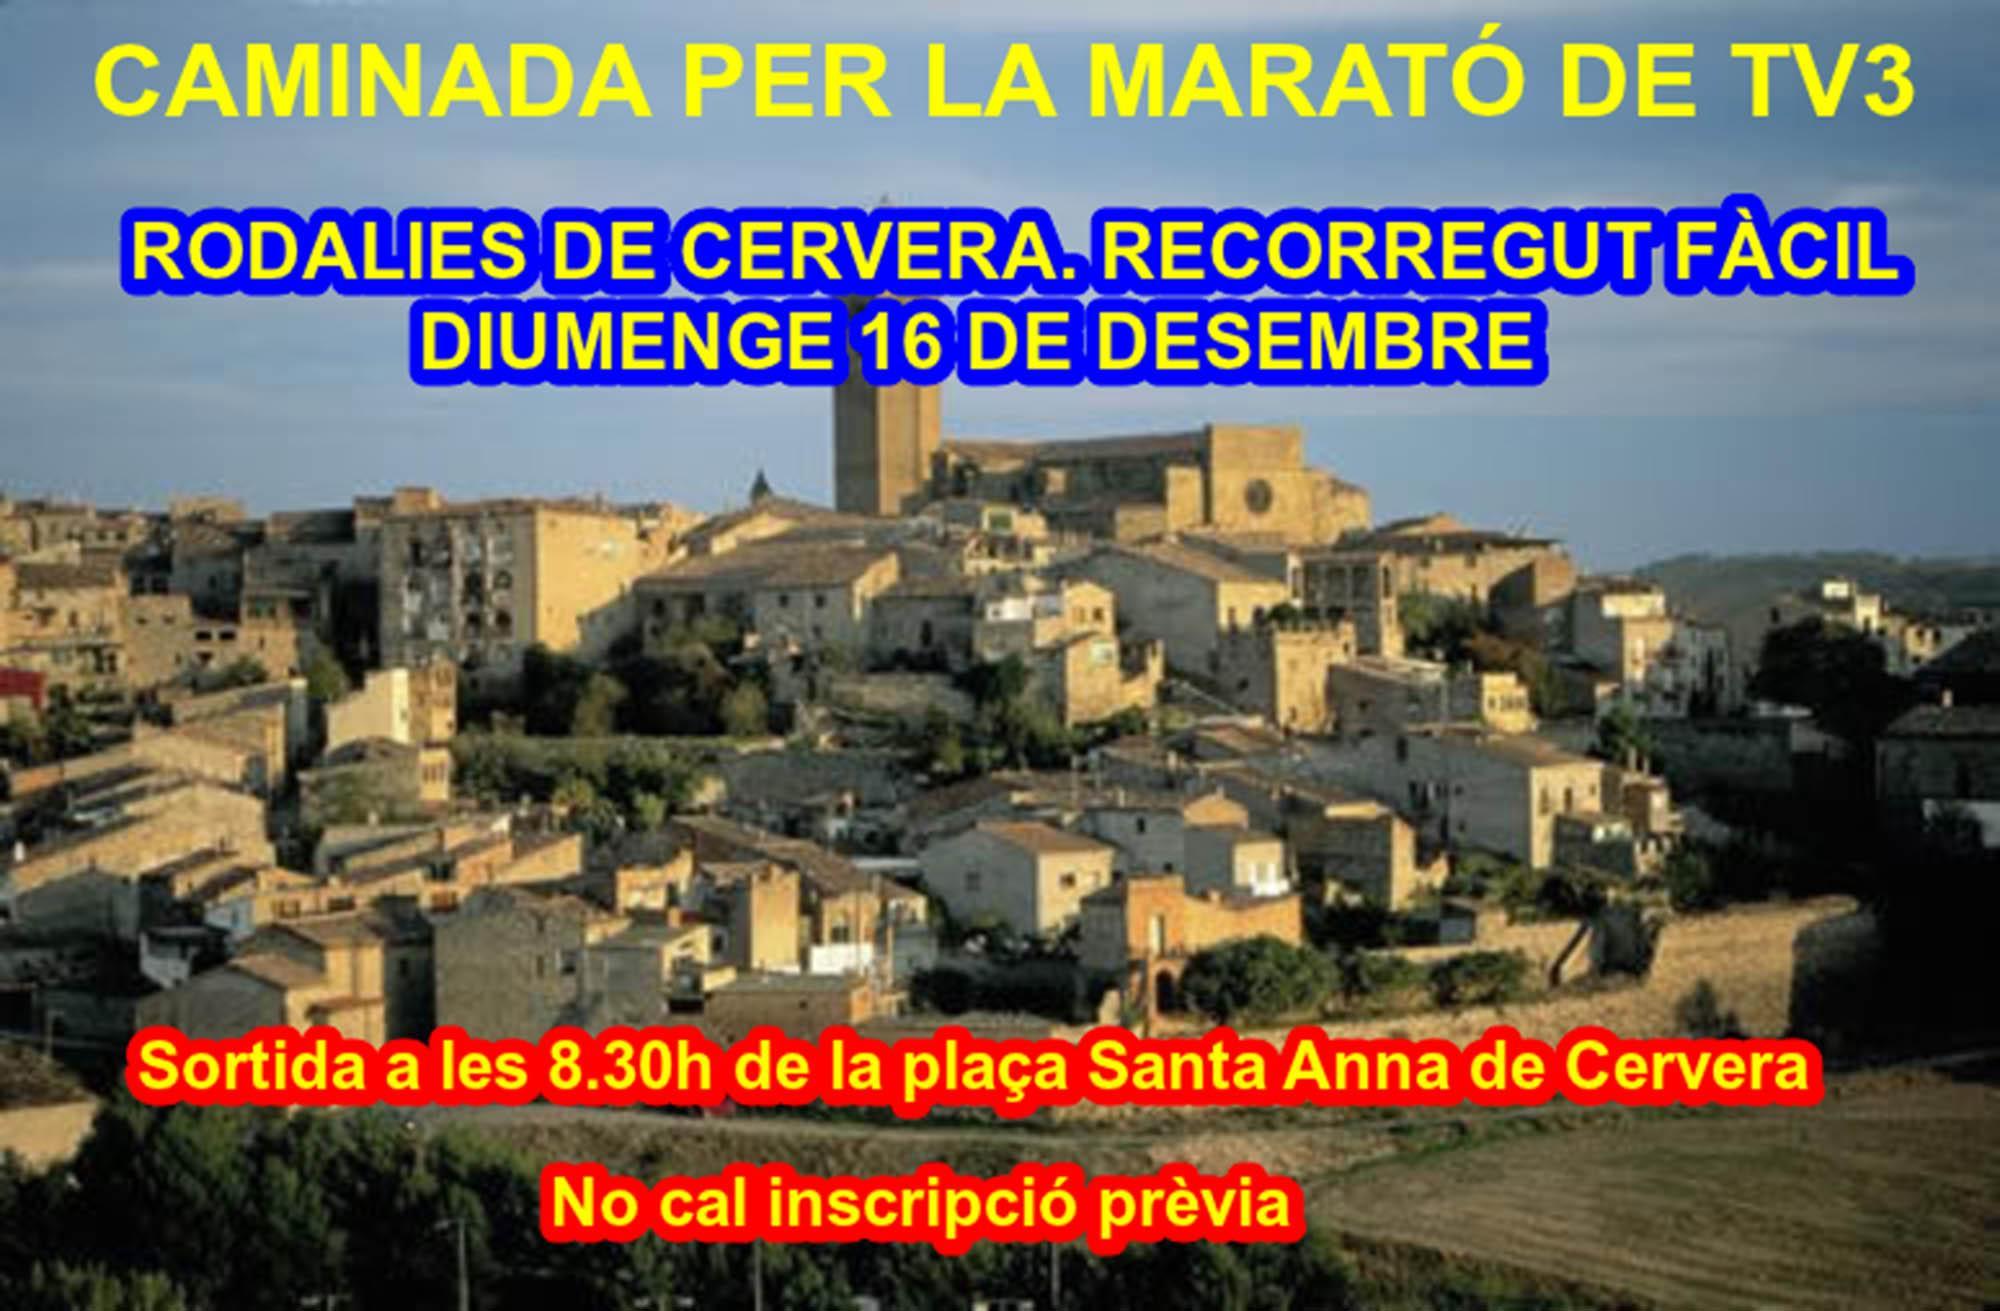 Caminada per la Marató TV3